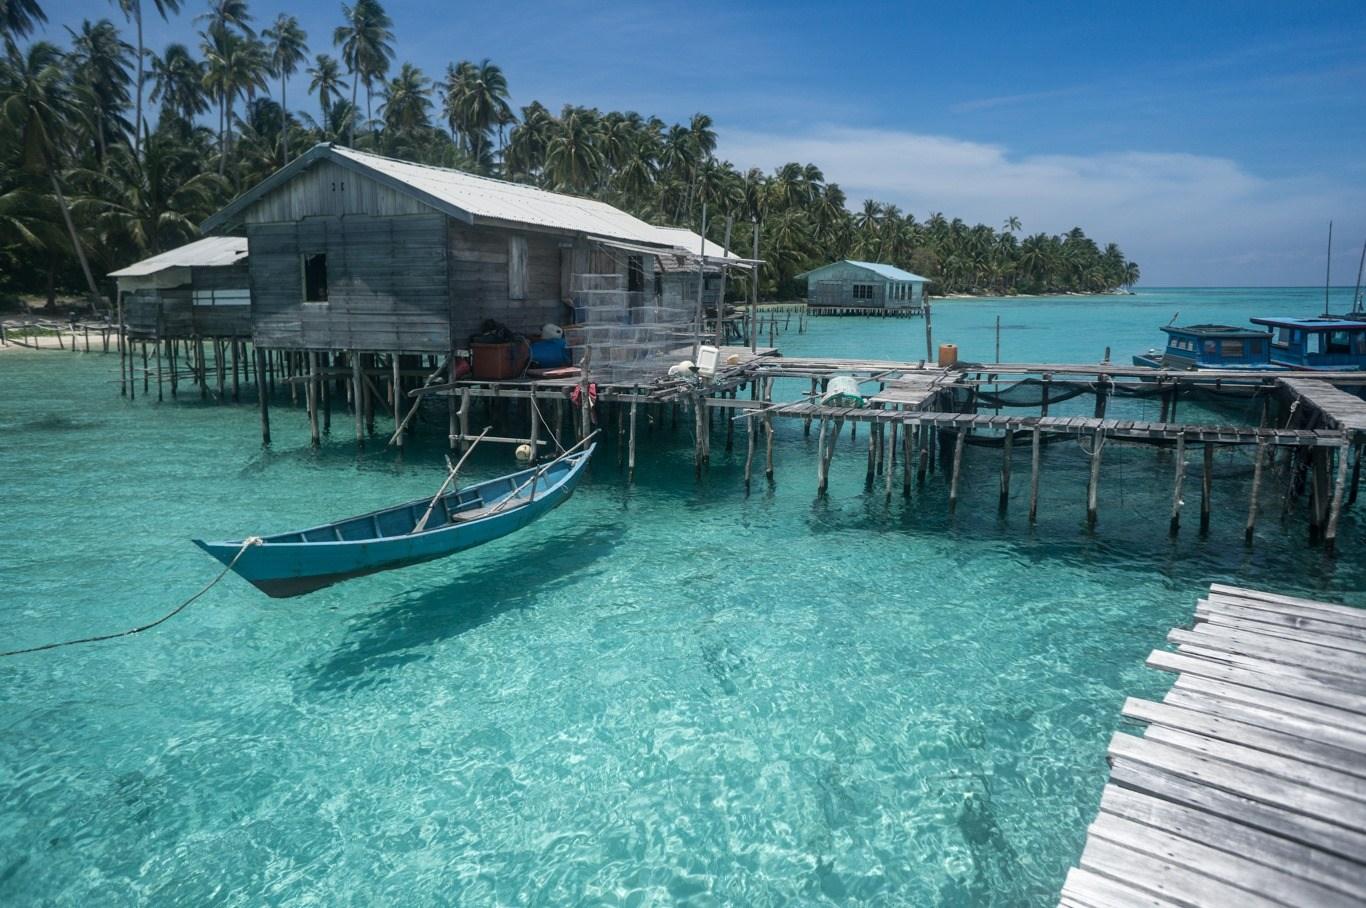 Pulau Panjang Salah Satu Tempat Wisata Kekinian di Natuna